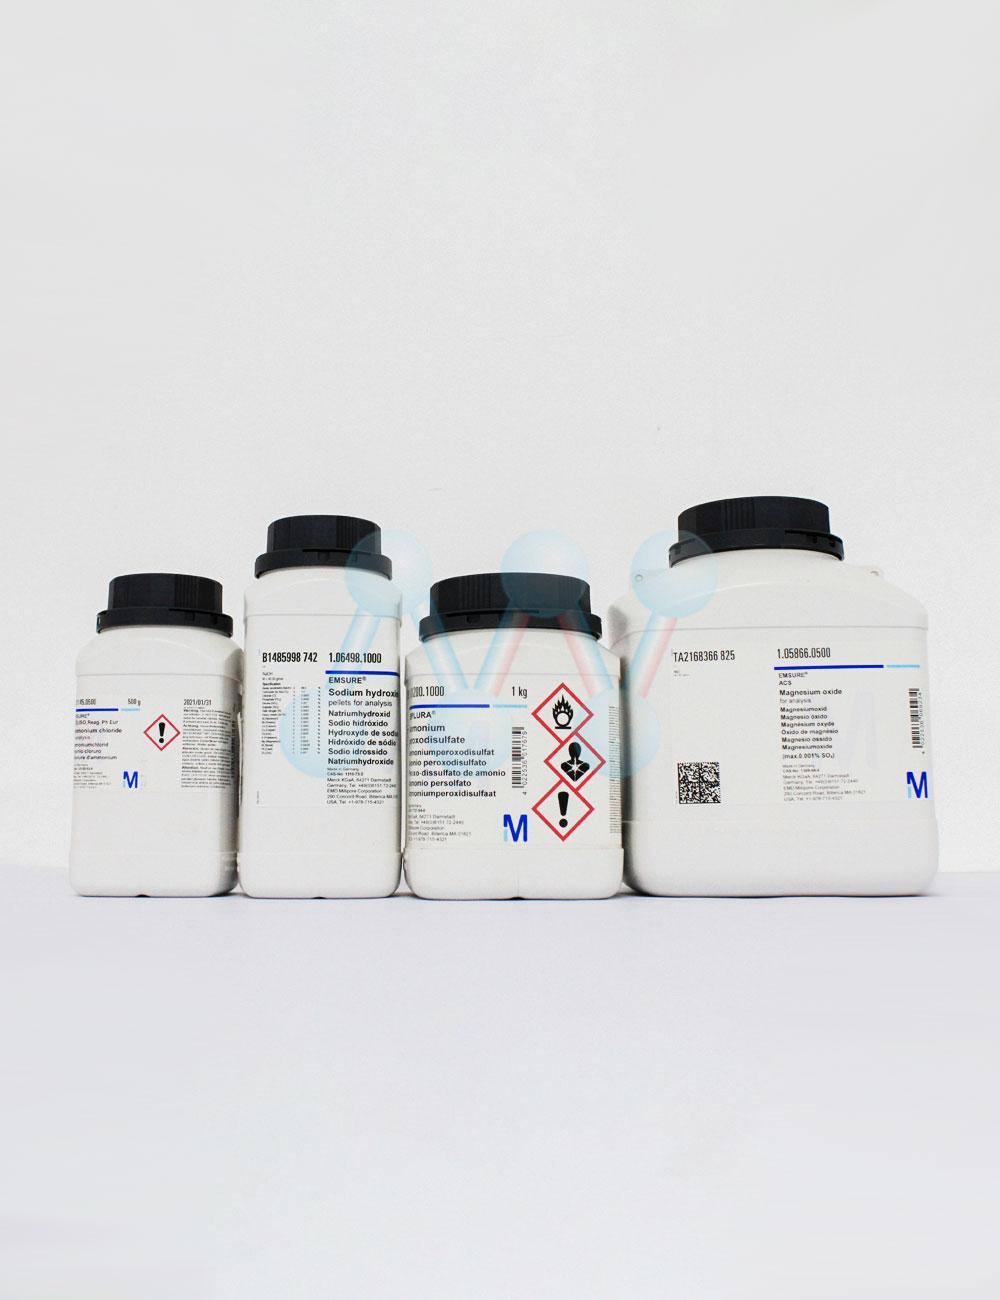 Acid Trichloroacetic CCl3COOH